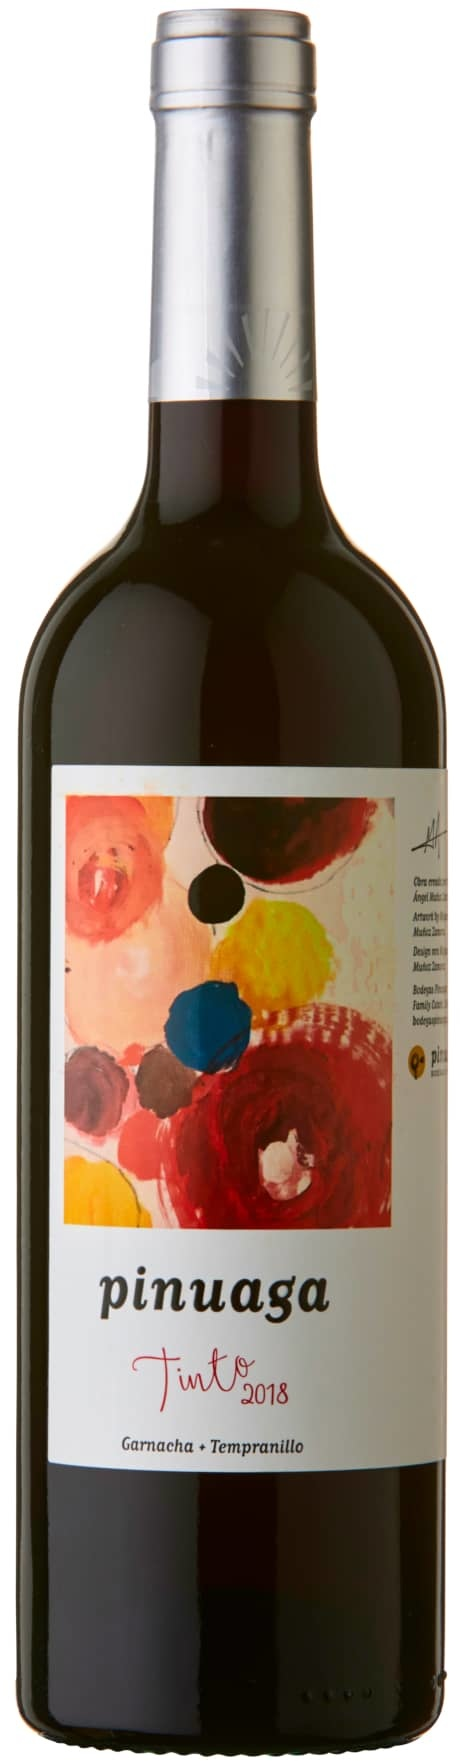 Bodegas Pinuaga Tinto Vino de la Tierra Castilla 2018 750ml